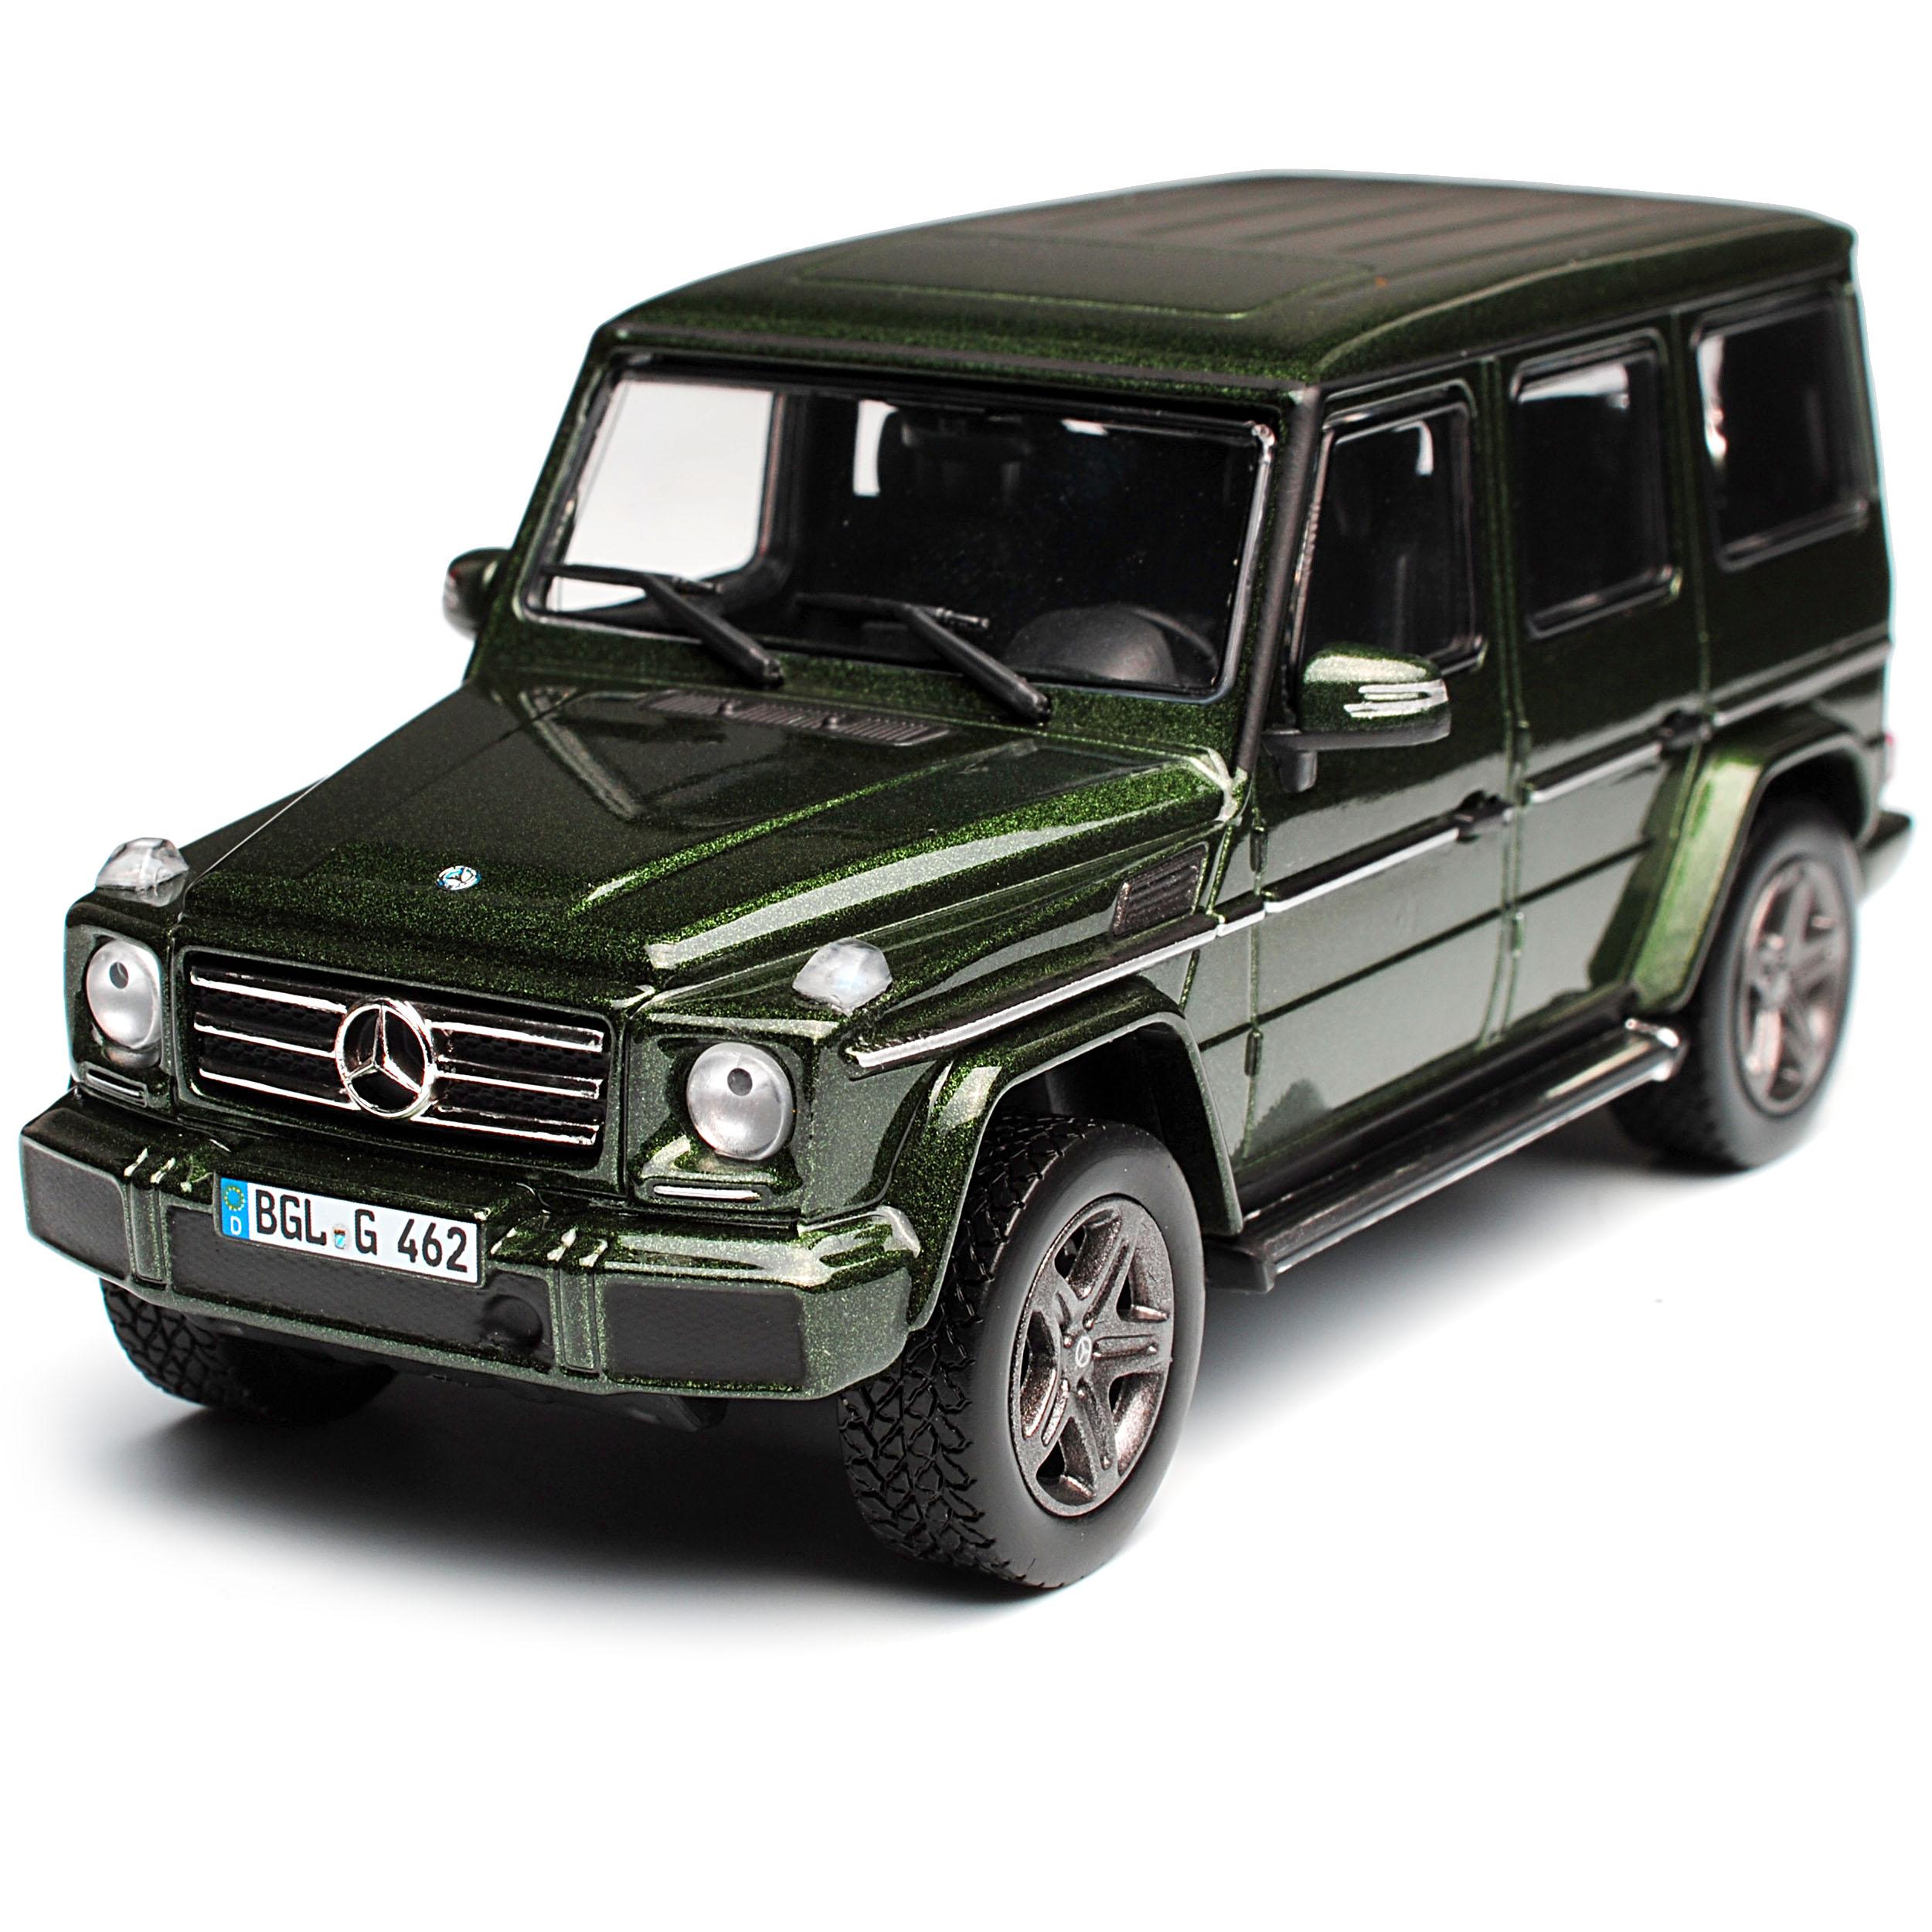 Mercedes-Benz G-Klasse W463 Grün Grün Grün Metallic fast Schwarz Ab Modellpflege 2015 1 ..  | Stabile Qualität  f9eb7b